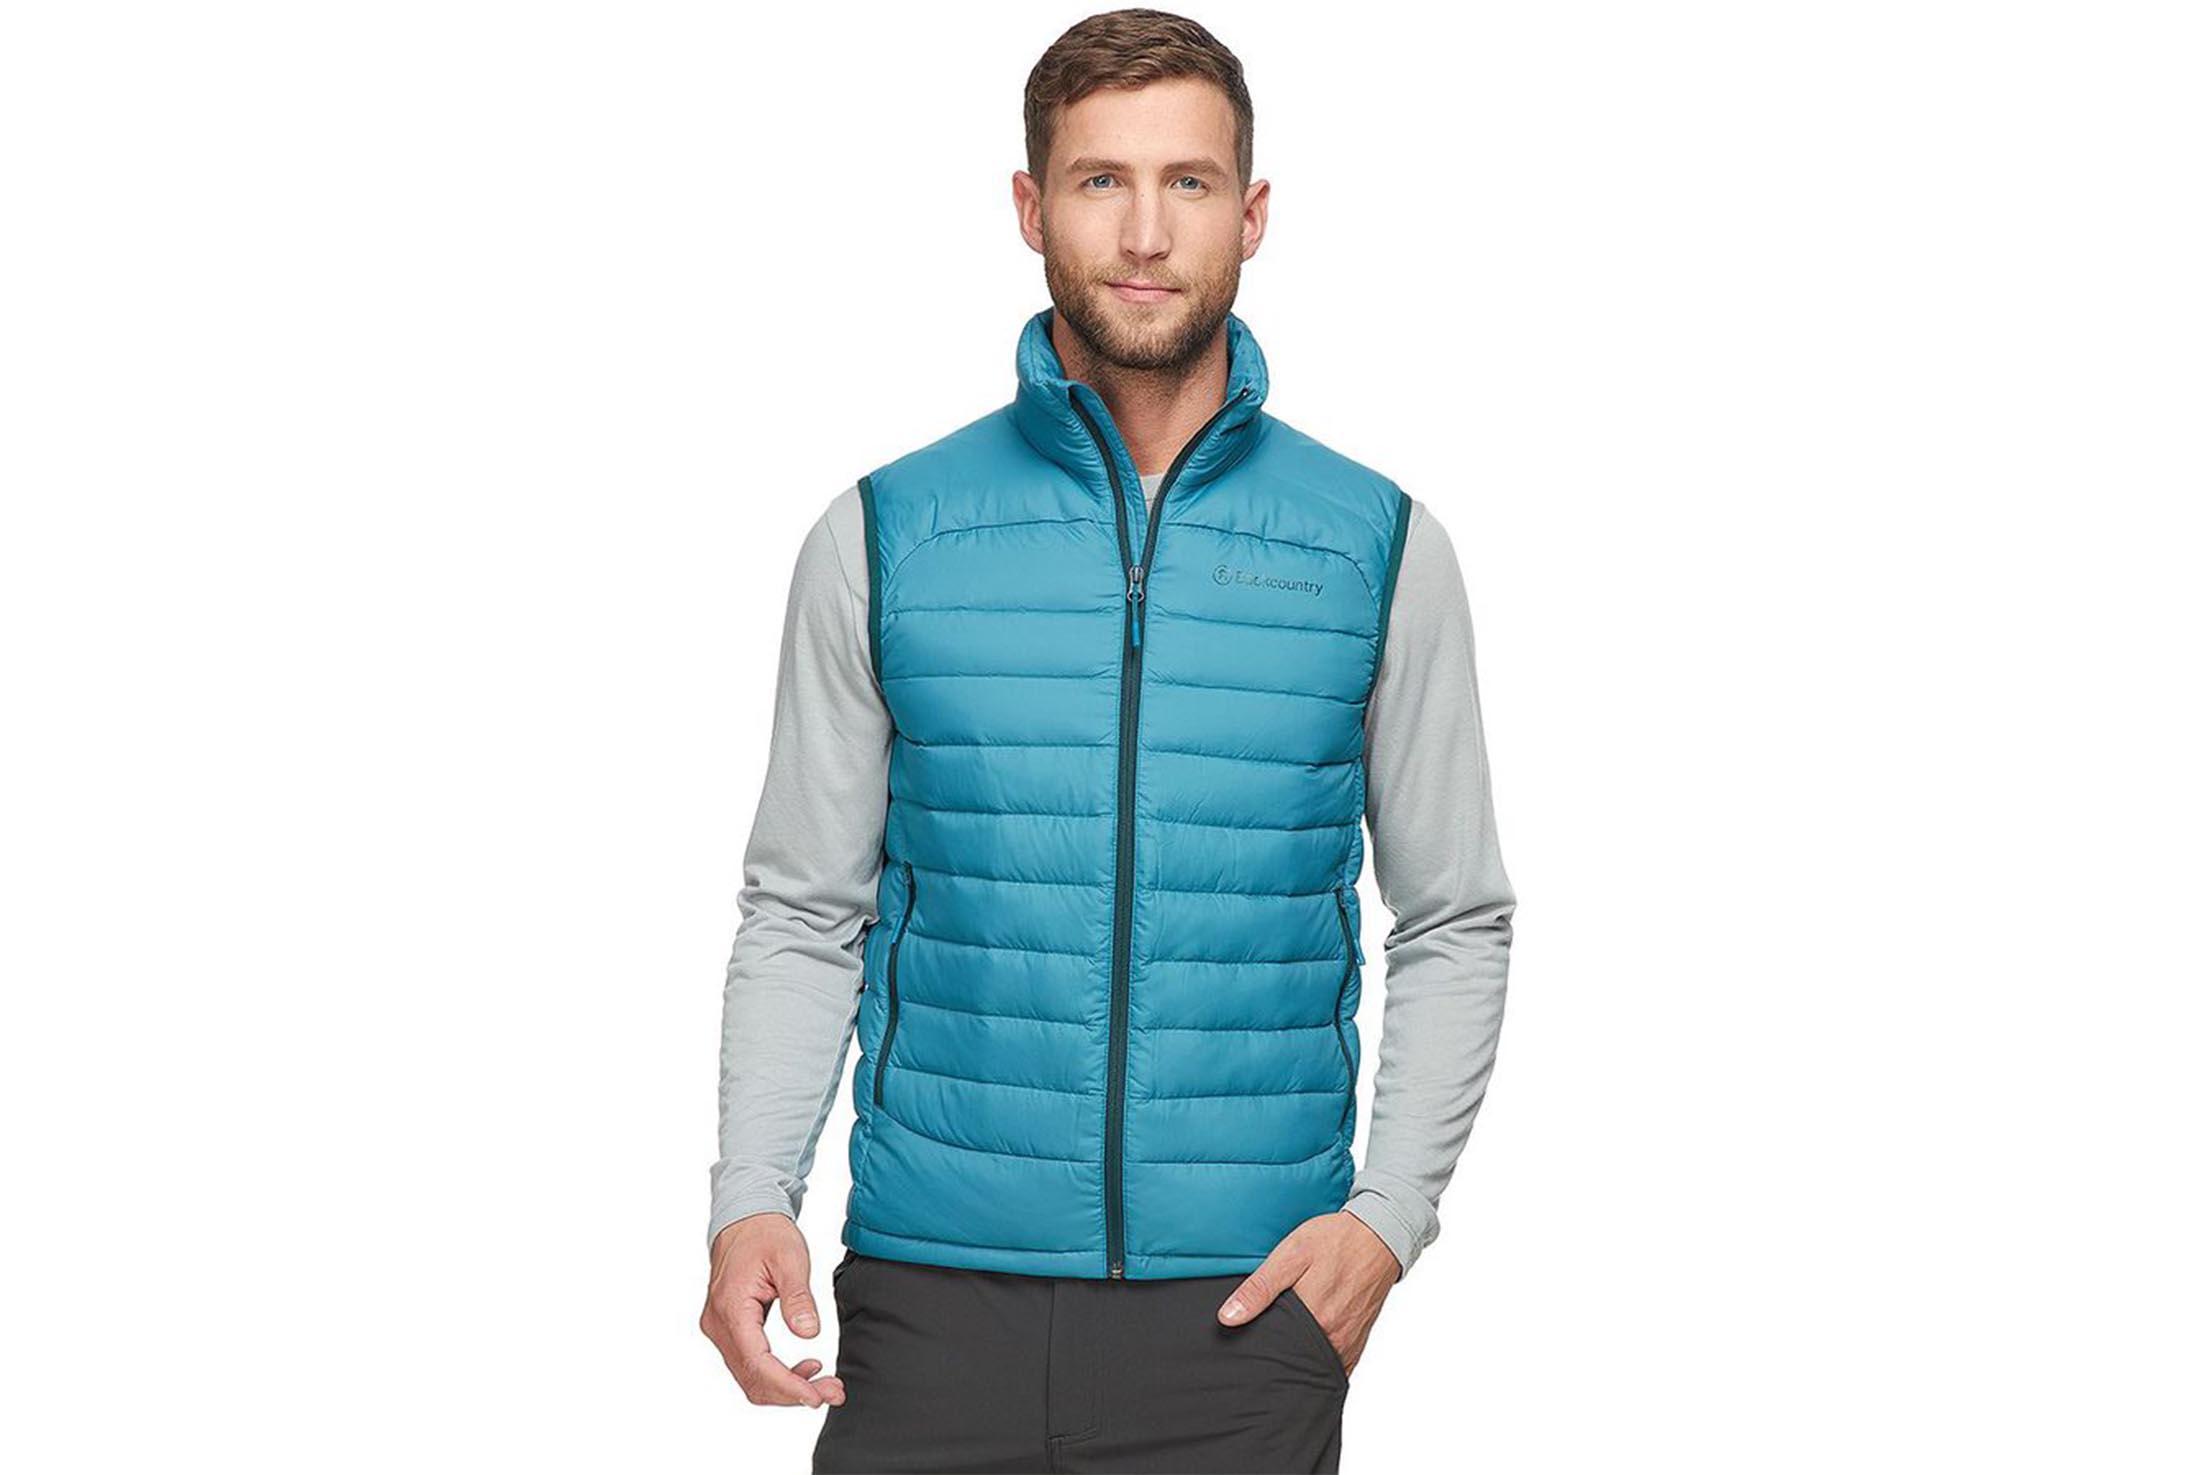 backcountry vest